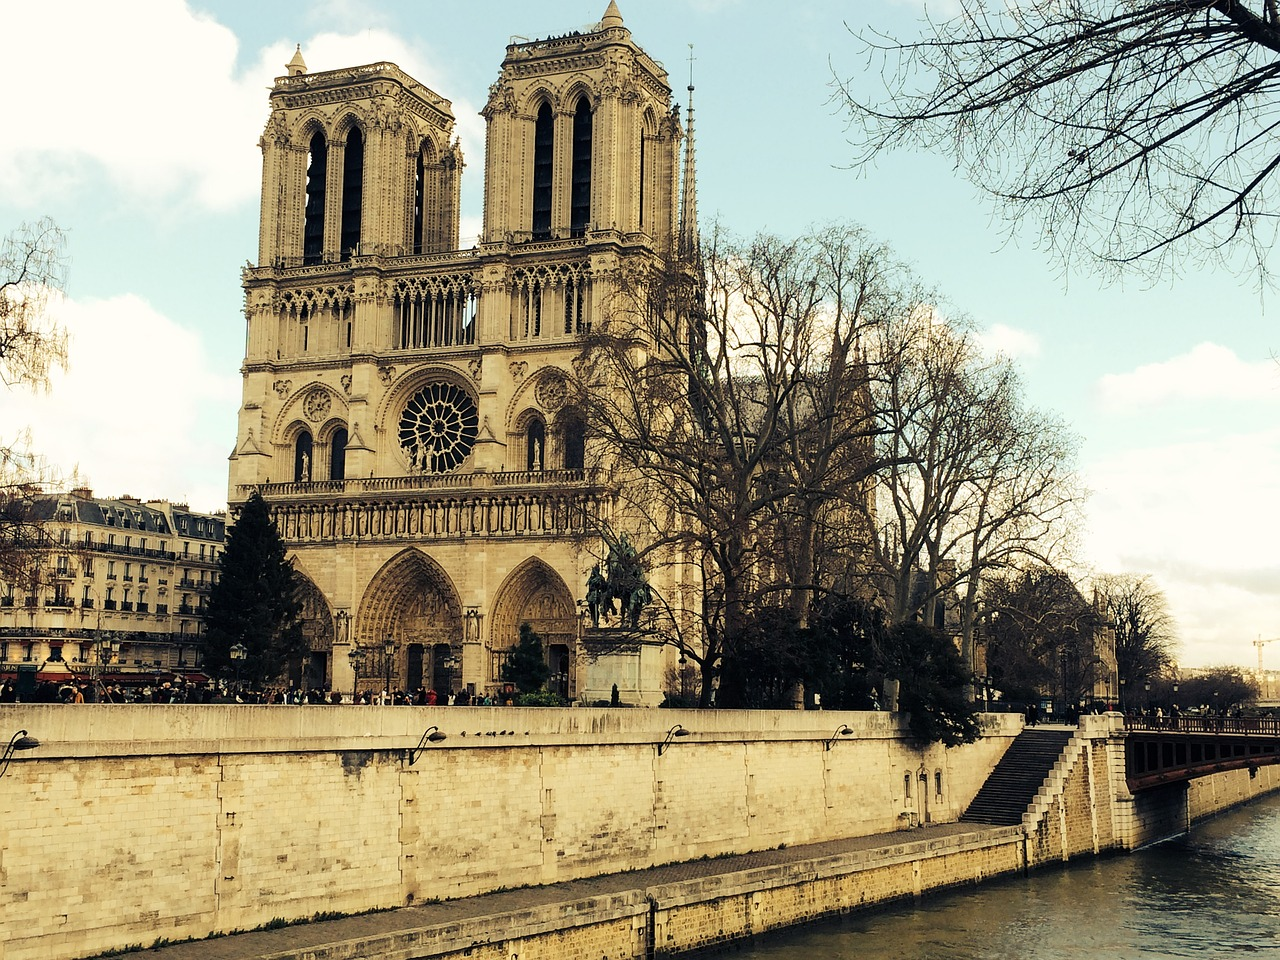 Notre Dame vor der Tragödie, ein schönes Gebäude, ein Teil vom Weltkulturerbe